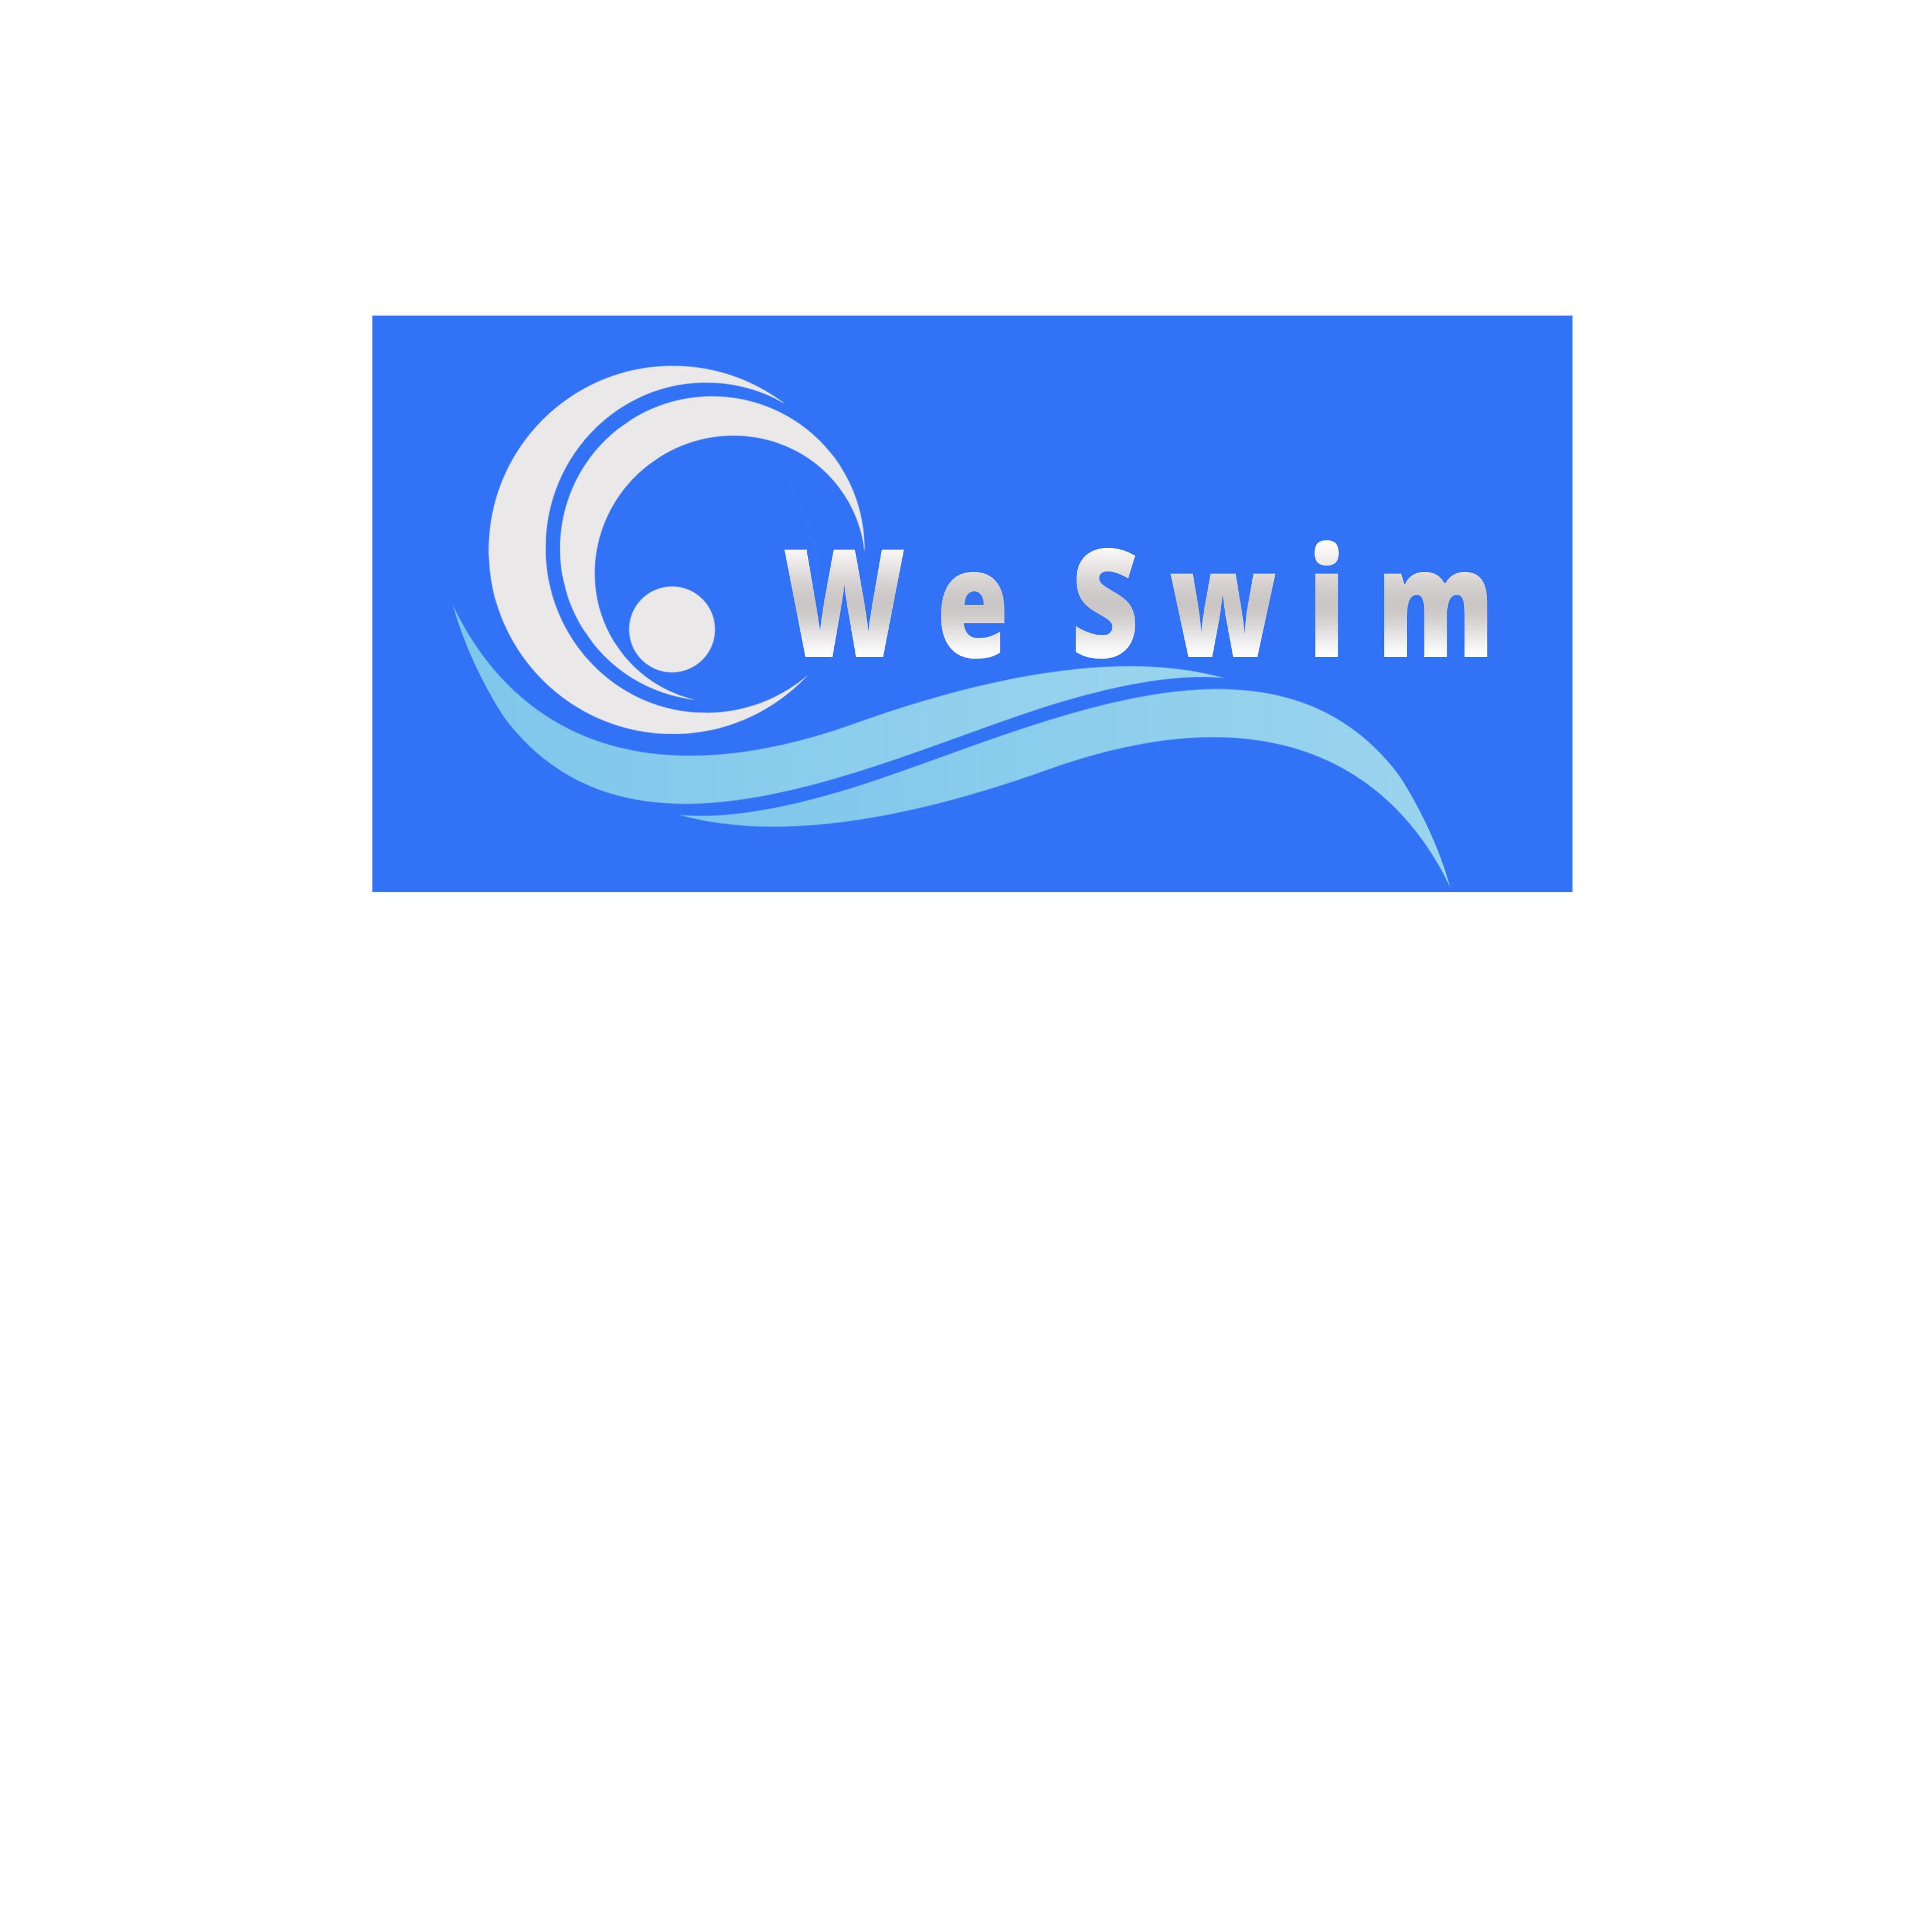 Logo Design by Allan Esclamado - Entry No. 1 in the Logo Design Contest Captivating Logo Design for We Swim.